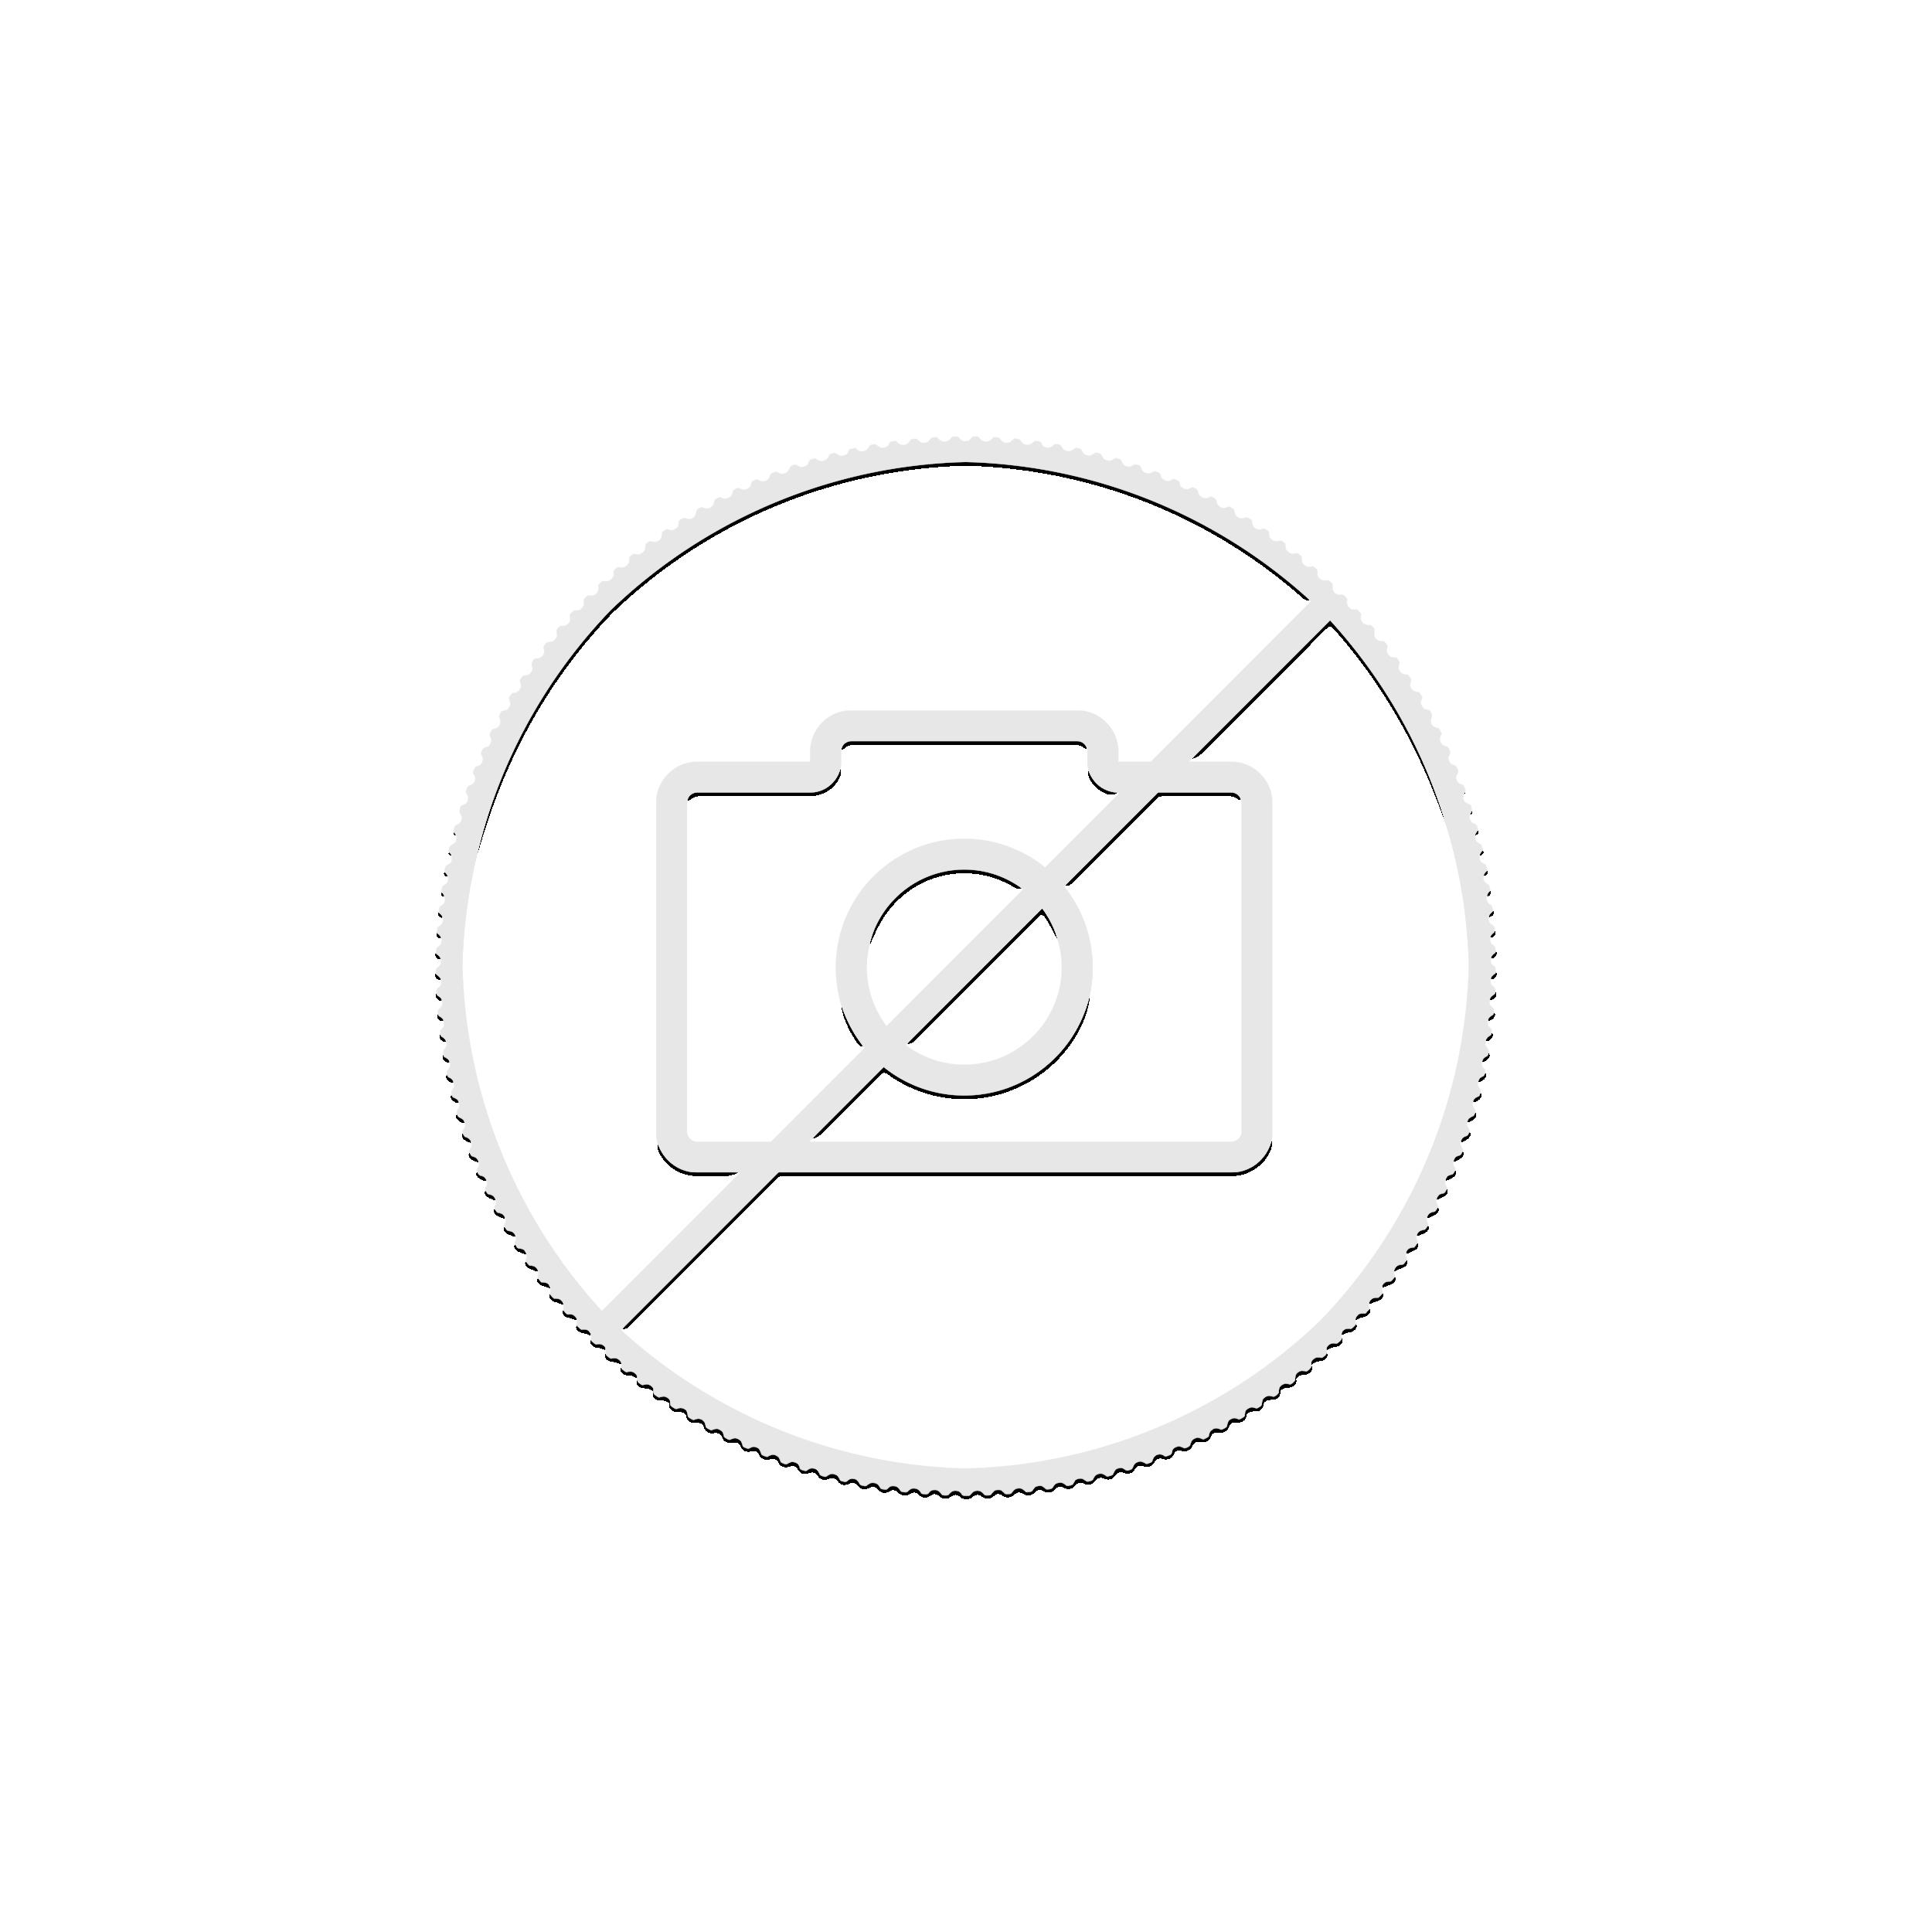 Zeldzaam: 1 troy ounce zilver Lunar Series II - Jaar van de os 2009